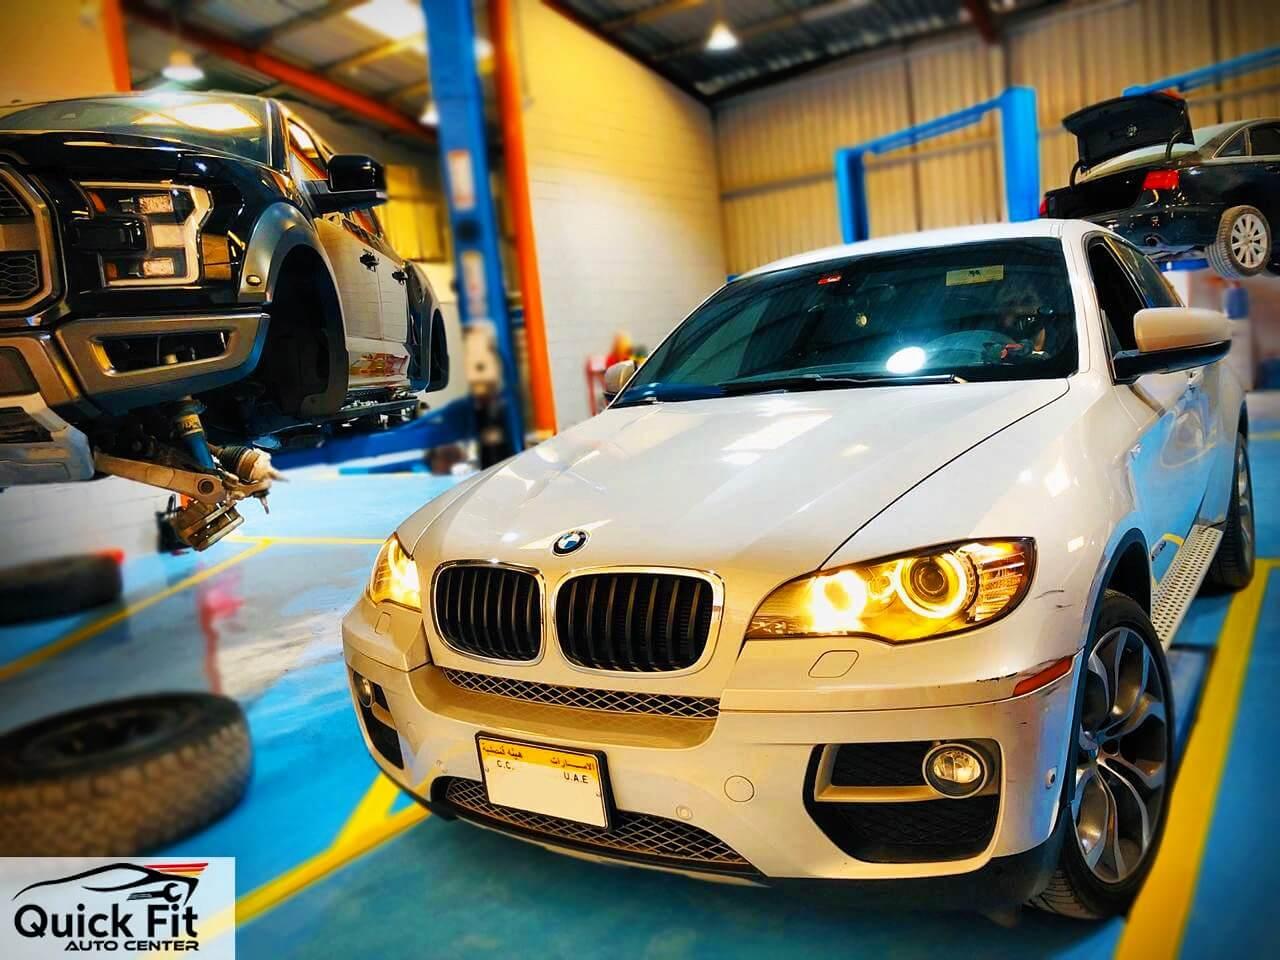 Car check engine light diagnostics and repair